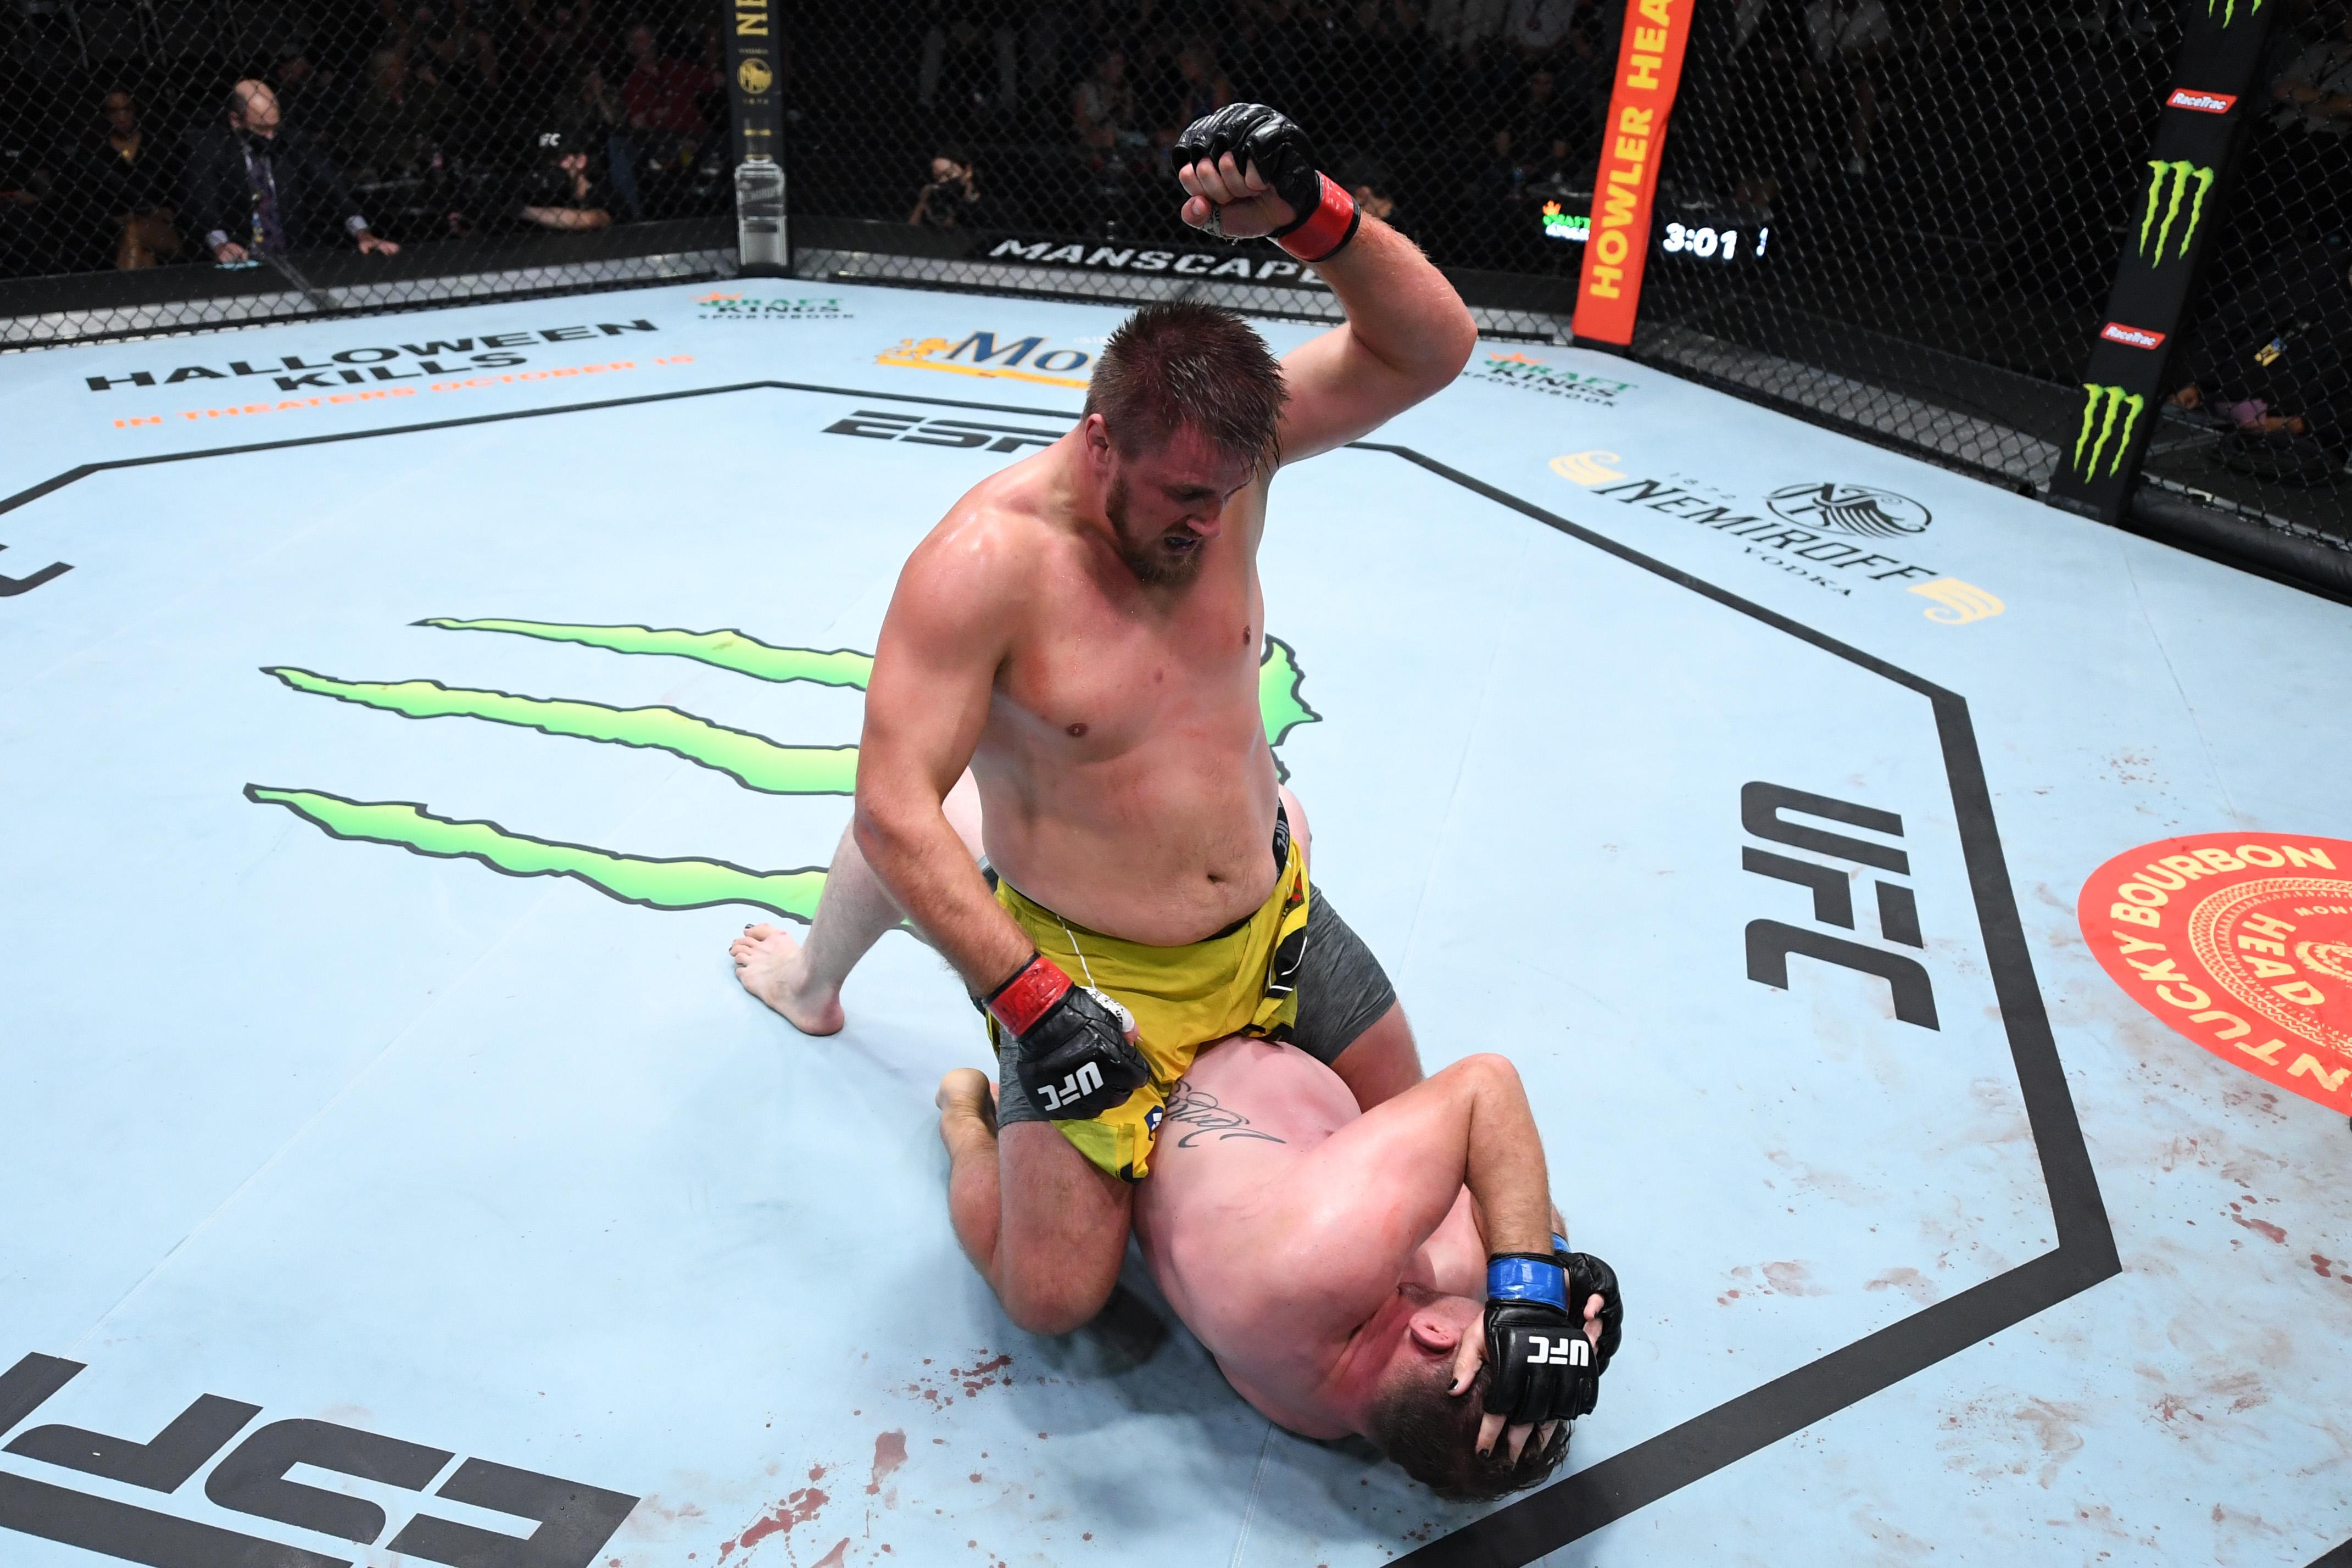 终极格斗冠军赛之夜:罗曼诺夫对凡达